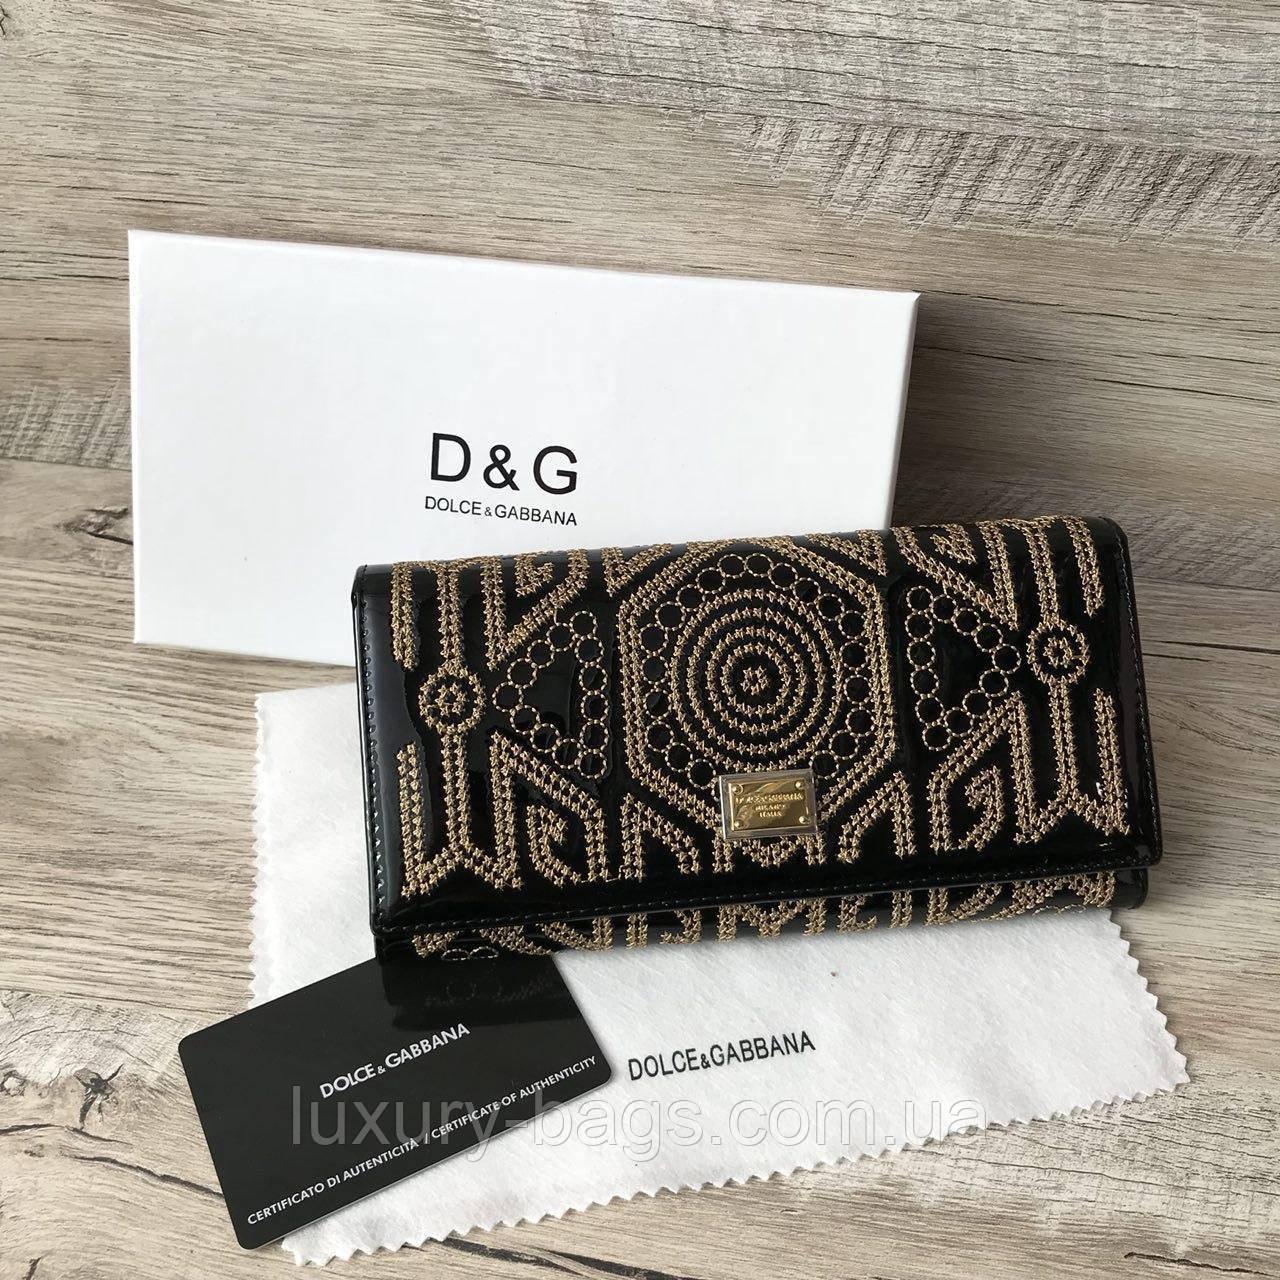 Жіночий шкіряний гаманець з вишивкою Дольче & Габбана